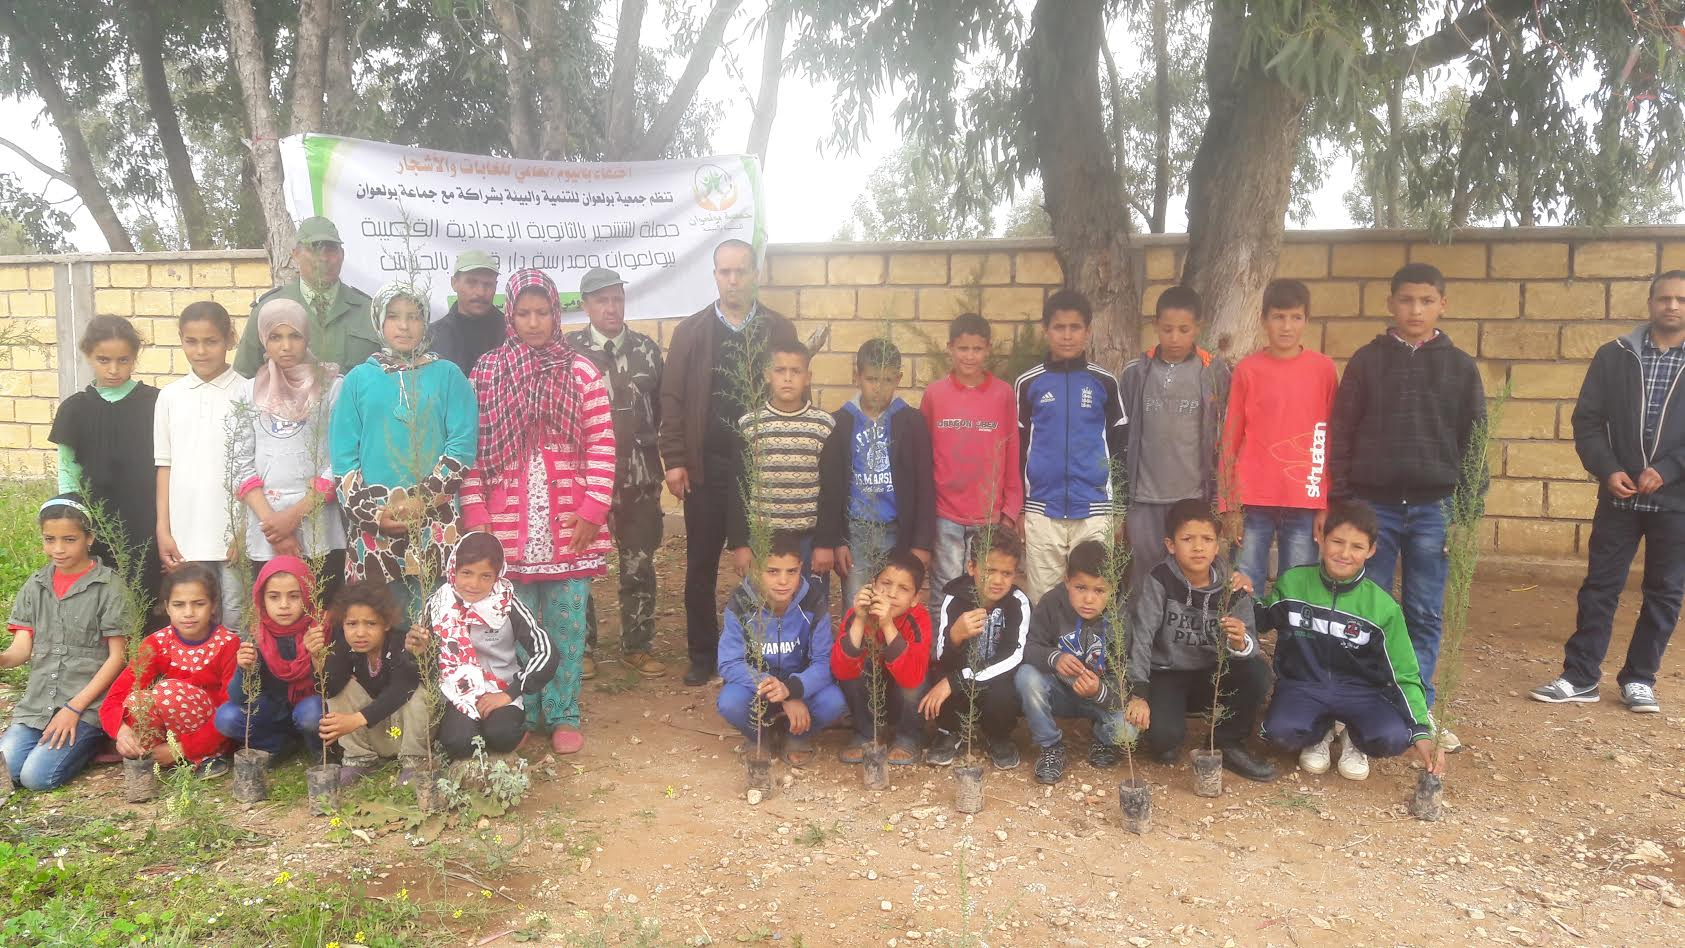 جمعويون يقومون بعملية تشجير مدرسة ''دار قدور بلحيرش'' بجماعة بولعوان